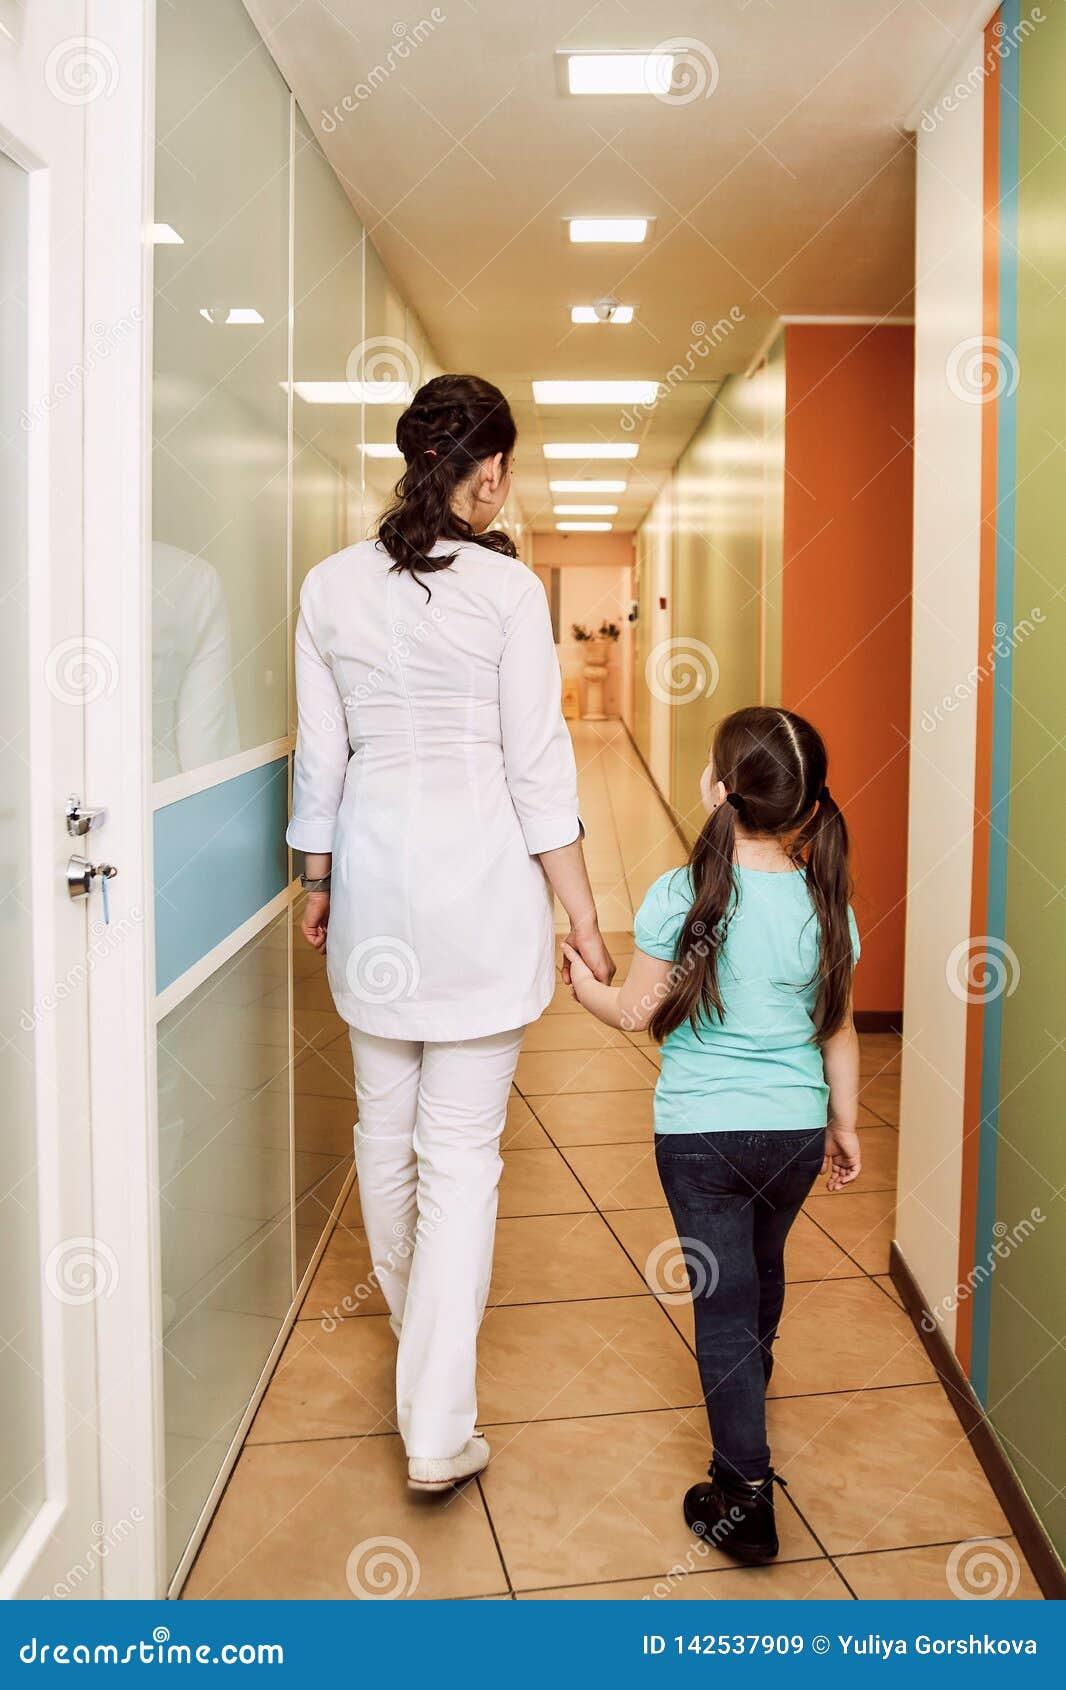 小儿科牙科 牙医带领女孩对待牙